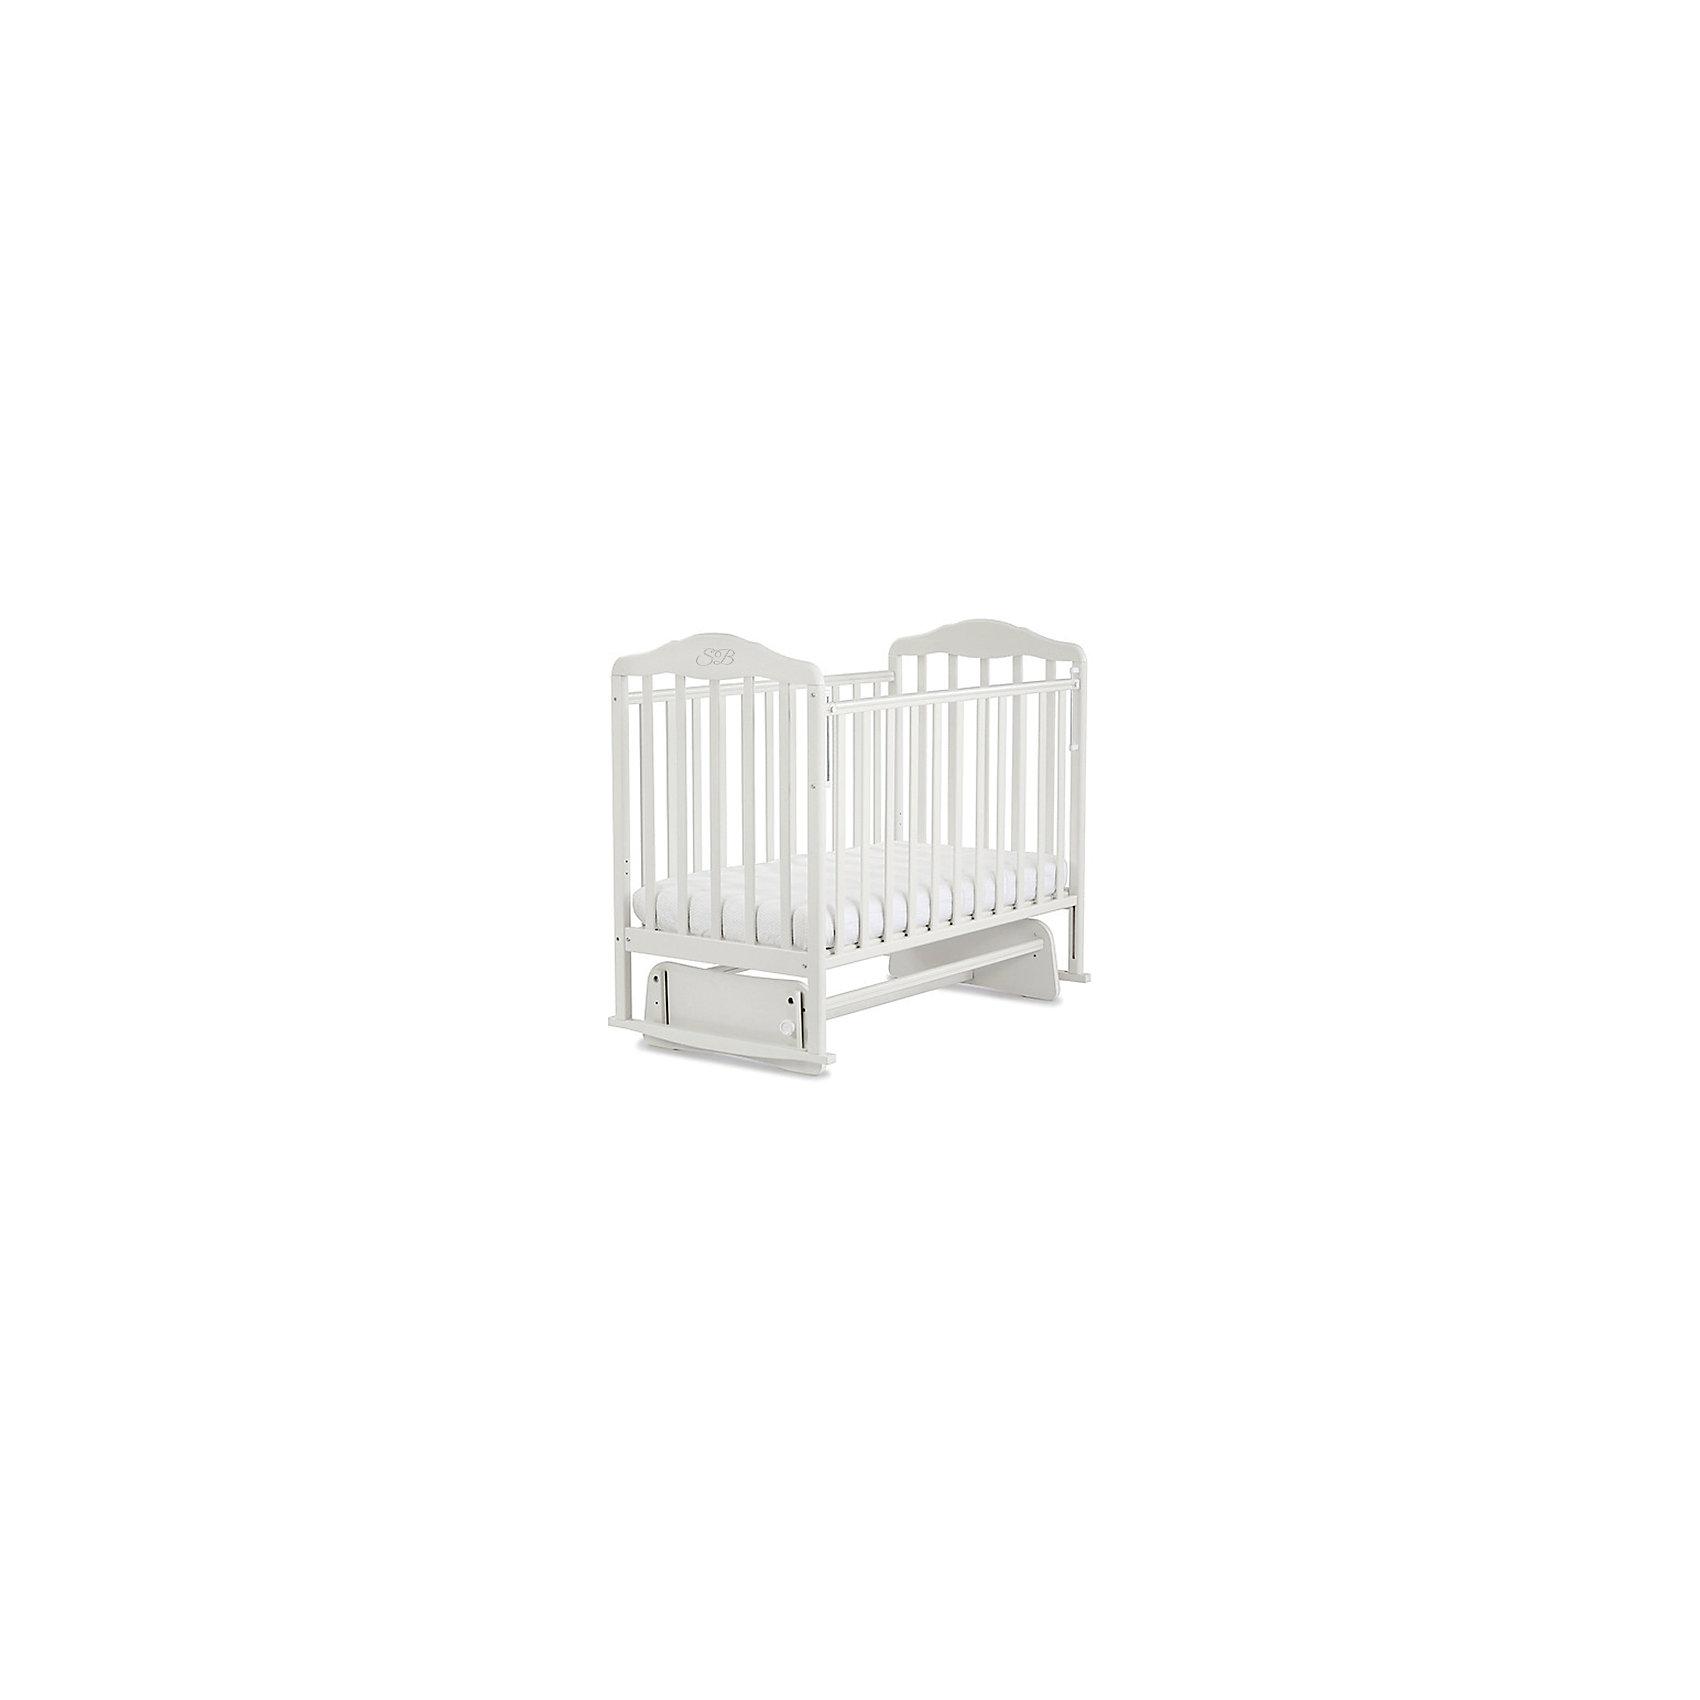 Кроватка Luigi Bianco, Sweet Baby, белыйКроватки<br>Характеристики товара:<br><br>• цвет: белый<br>• с поперечным маятником<br>• фиксатор покоя<br>• материал: массив дерева/ЛДСП<br>• полозья для качания<br>• размер спального места: 120х60 см<br>• 2 уровня ложа<br>• силиконовые накладки на бортиках<br>• размер кроватки (ШхДхВ): 72х125х115см.<br><br>Итальянский бренд Sweet Baby позаботился о комфортном сне вашего малыша благодаря плавному механизму качания поперечного маятника . <br>Кроватка оснащена специальными фиксаторами, которые приводят маятник в состояние покоя.<br><br>Два уровня ложа позволяют менять глубину кроватки по мере роста малыша, опускаемая планка поможет без труда дотянуться до малыша в кроватке.Расстояние между рейками не дает возможность ребенку застрять между ними во время сна.<br><br>На бортиках кроватки есть специальные силиконовые накладки, их основной функцией является защита вашего ребенка во время прорезания зубов.<br><br>Кроватки для новорожденных SweetBaby обрабатываются нетоксичными лаками и красками, абсолютно безвредными для ребенка.<br><br>Кроватку Luigi Bianco, Sweet Baby можно купить в нашем интернет-магазине.<br><br>Ширина мм: 710<br>Глубина мм: 150<br>Высота мм: 1240<br>Вес г: 20000<br>Возраст от месяцев: 0<br>Возраст до месяцев: 36<br>Пол: Унисекс<br>Возраст: Детский<br>SKU: 5583578